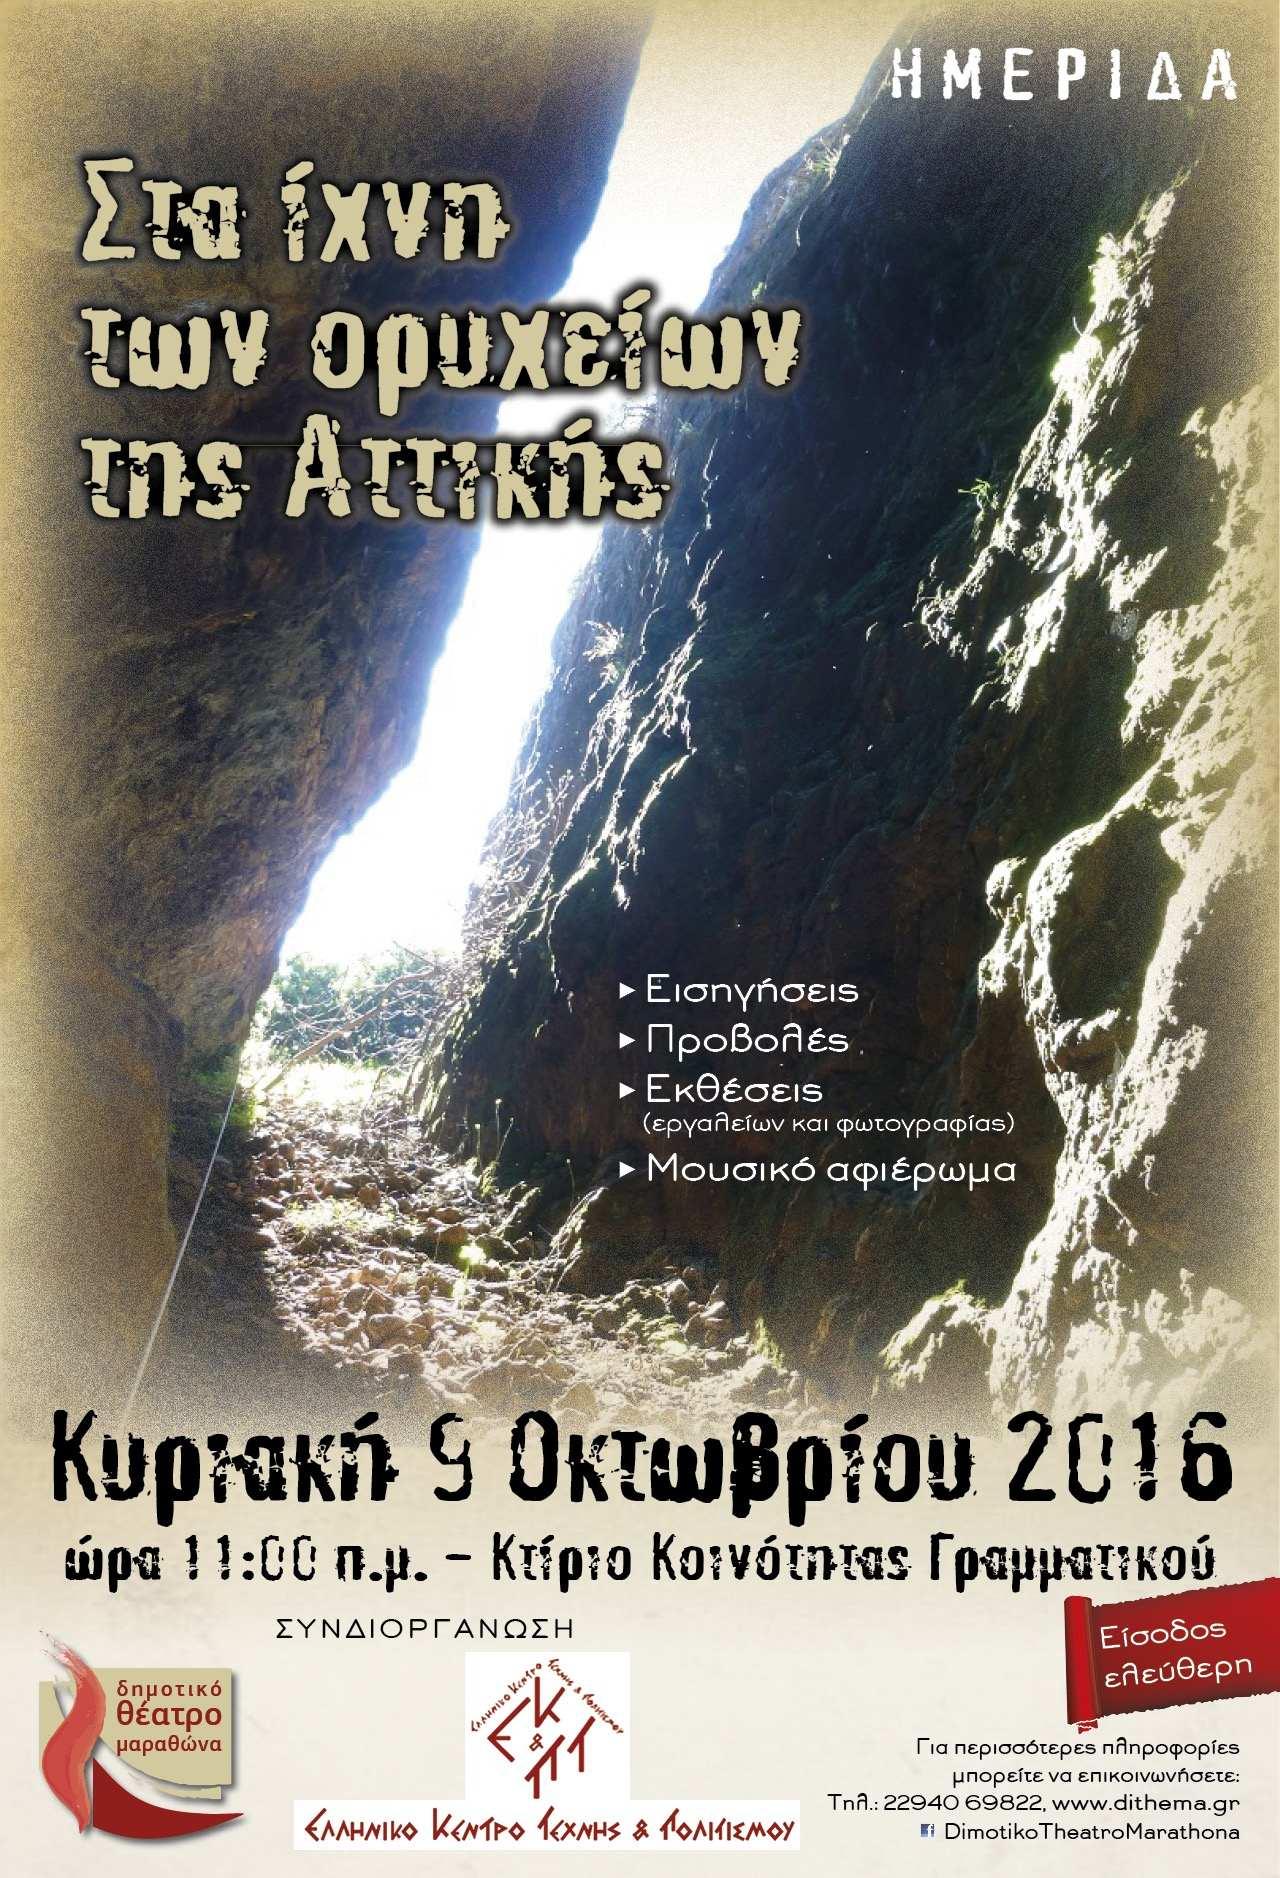 Στα Ίχνη των ορυχείων της Αττικής